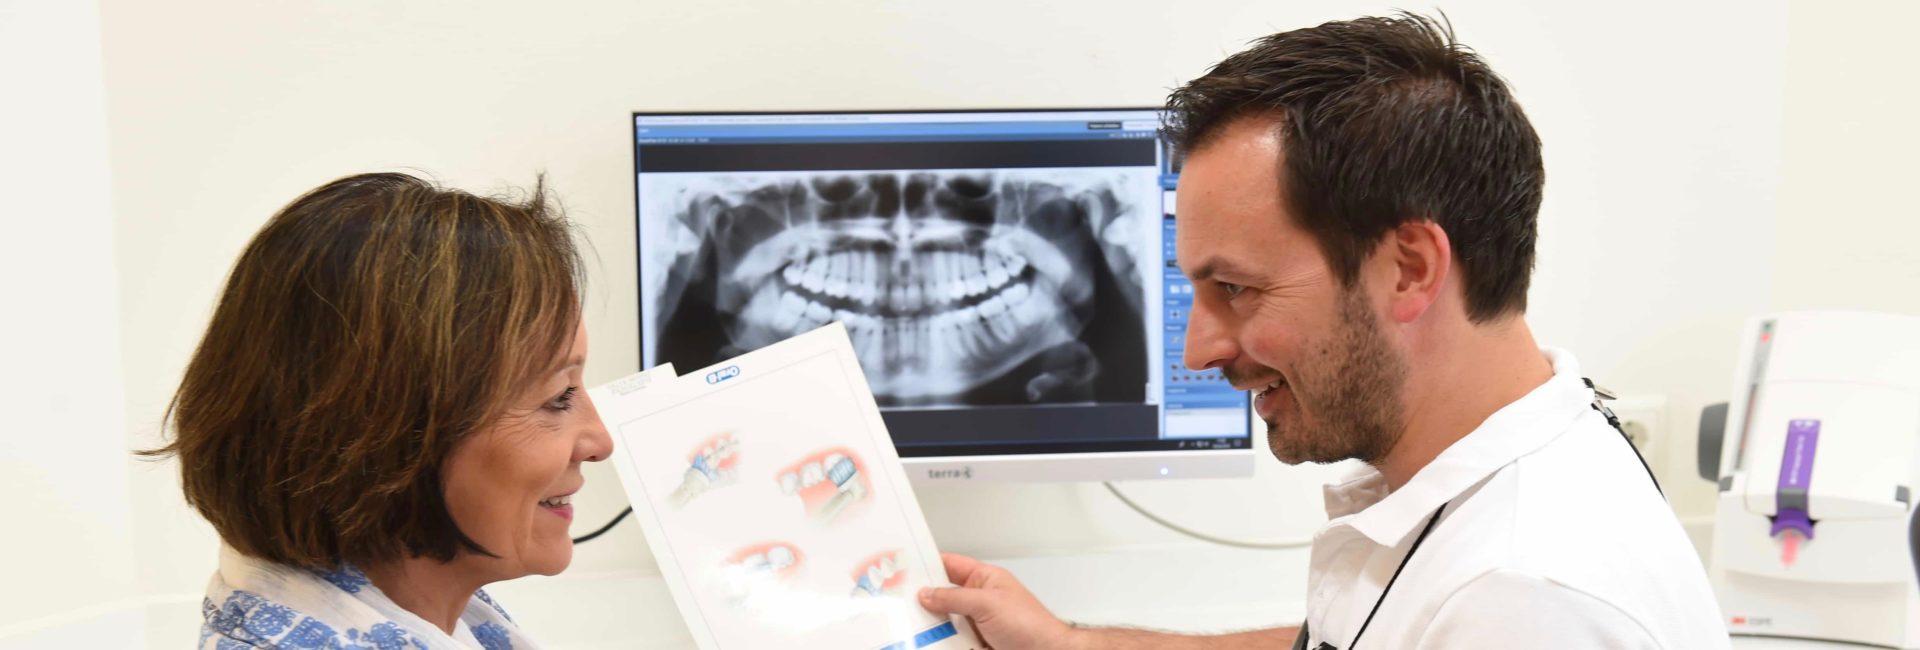 Zahnarzt klärt Frau auf